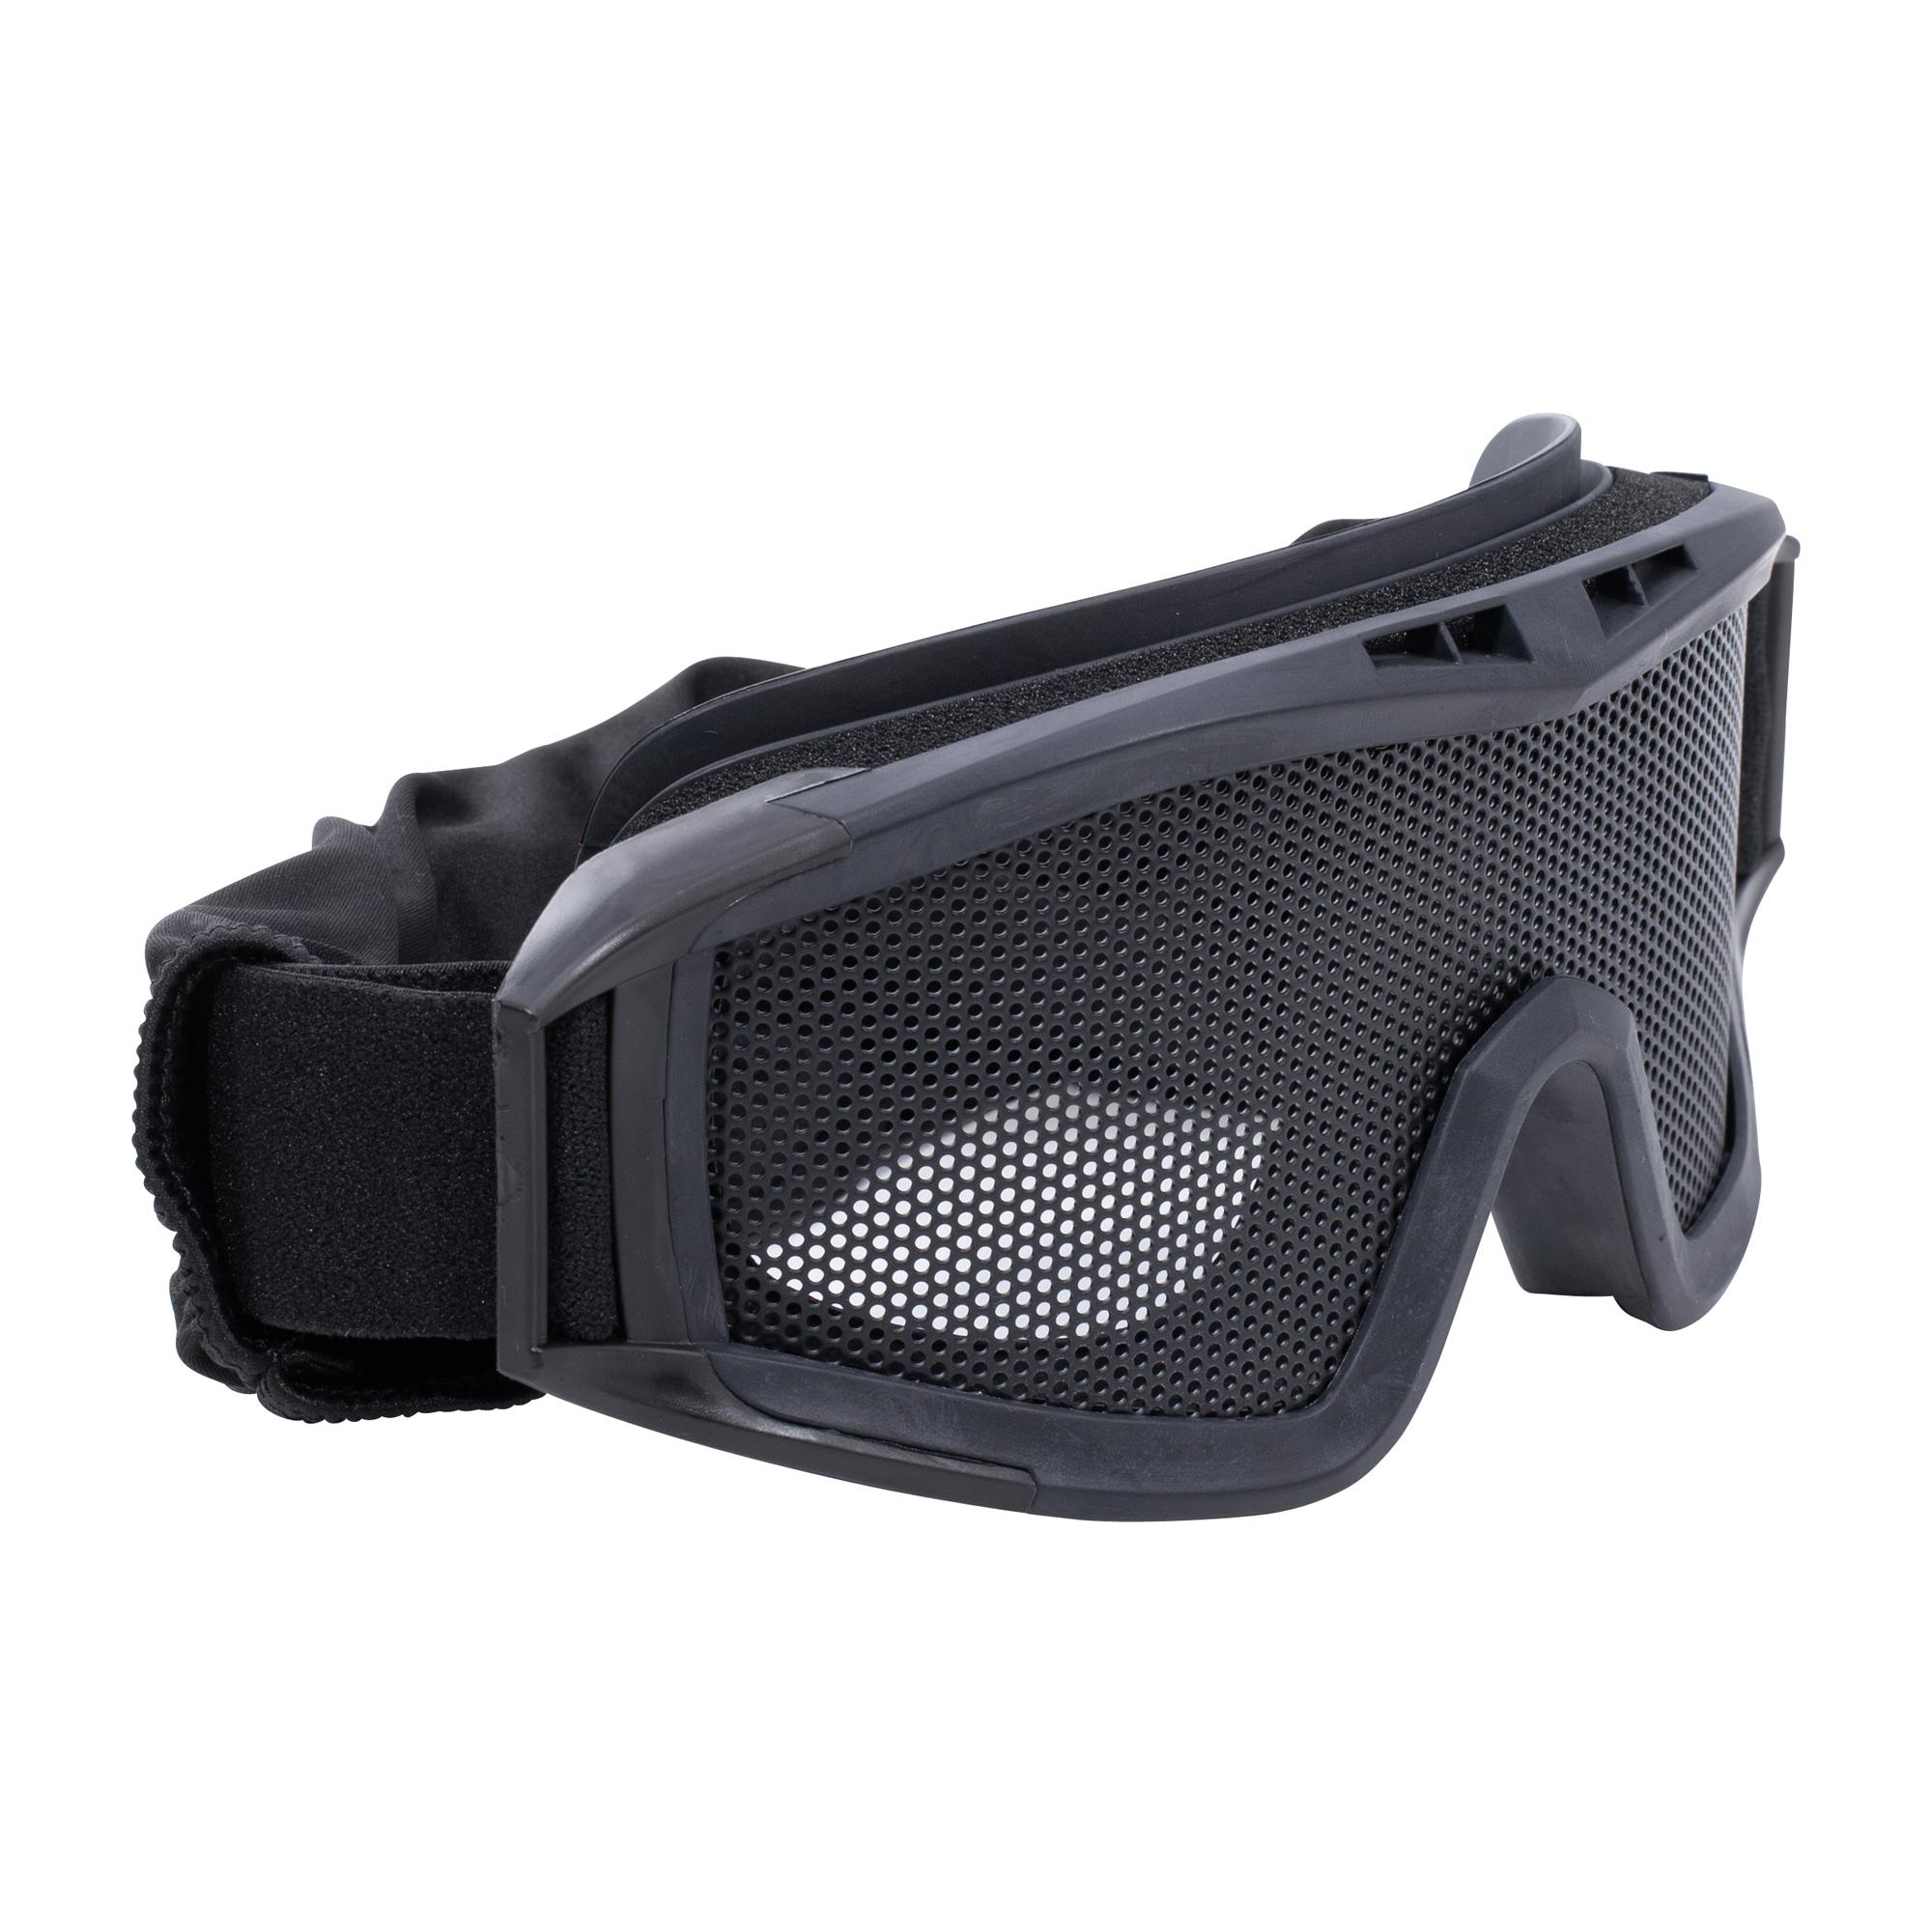 Schutzbrille Elite Force MG 300 schwarz